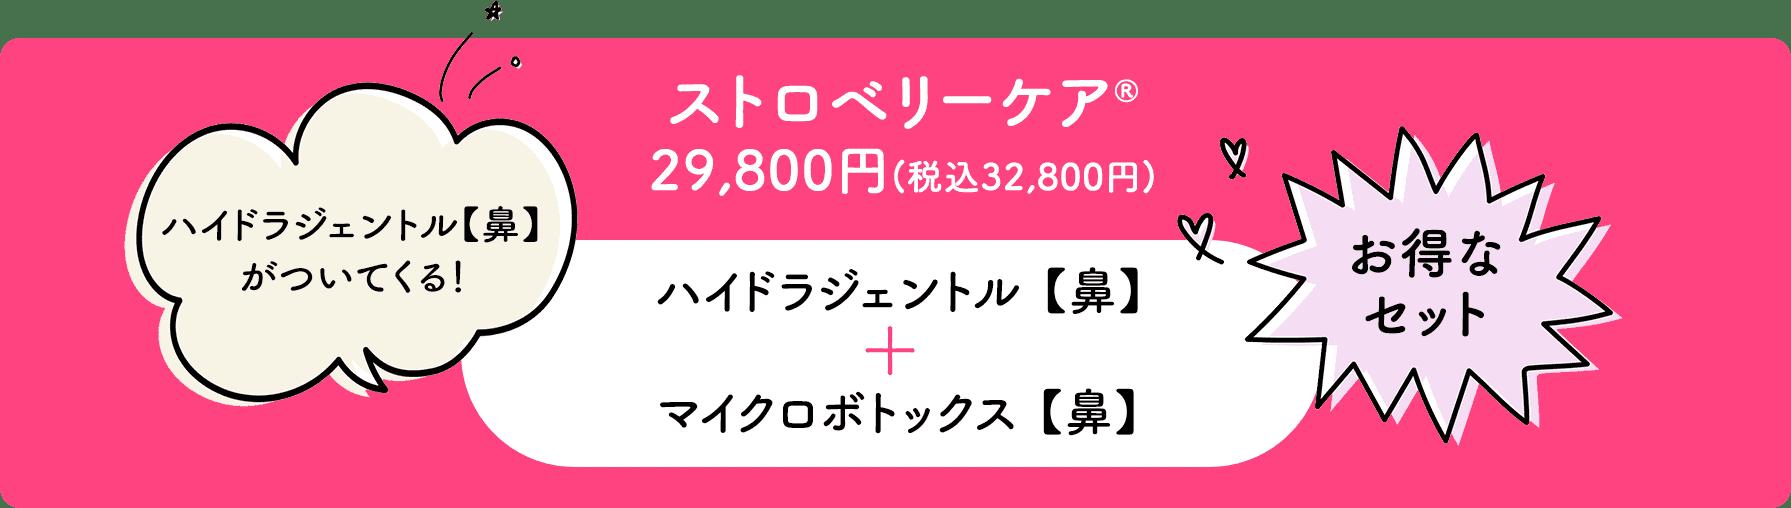 ストロベリーケア 29,800円(税込32,800円)